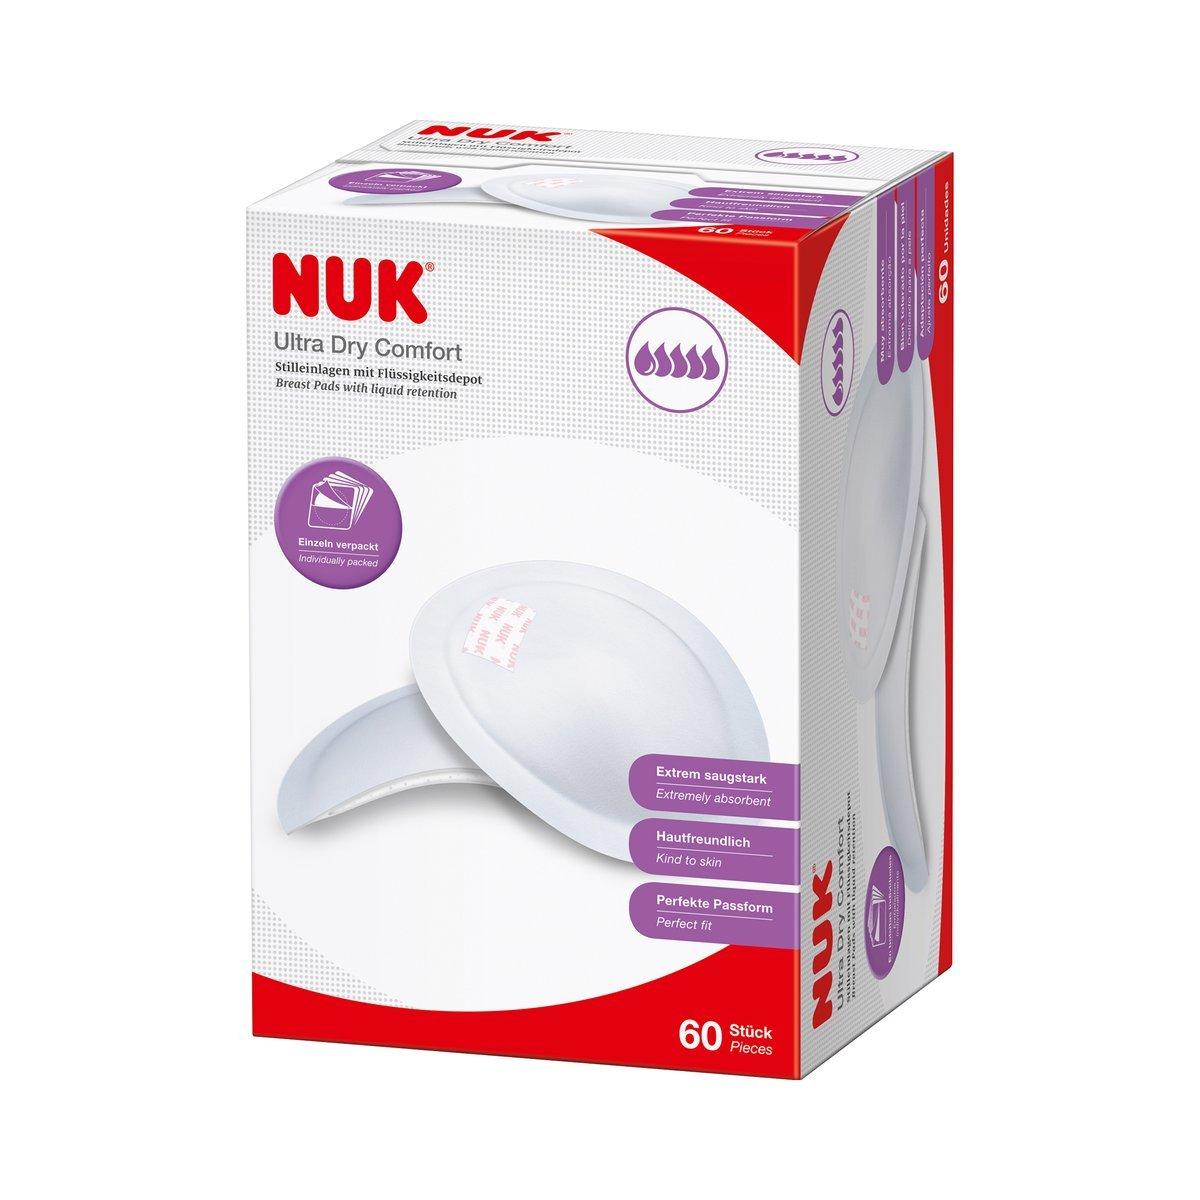 60er-Pack Einweg-Stilleinlagen Ultra Dry Comfort NUK